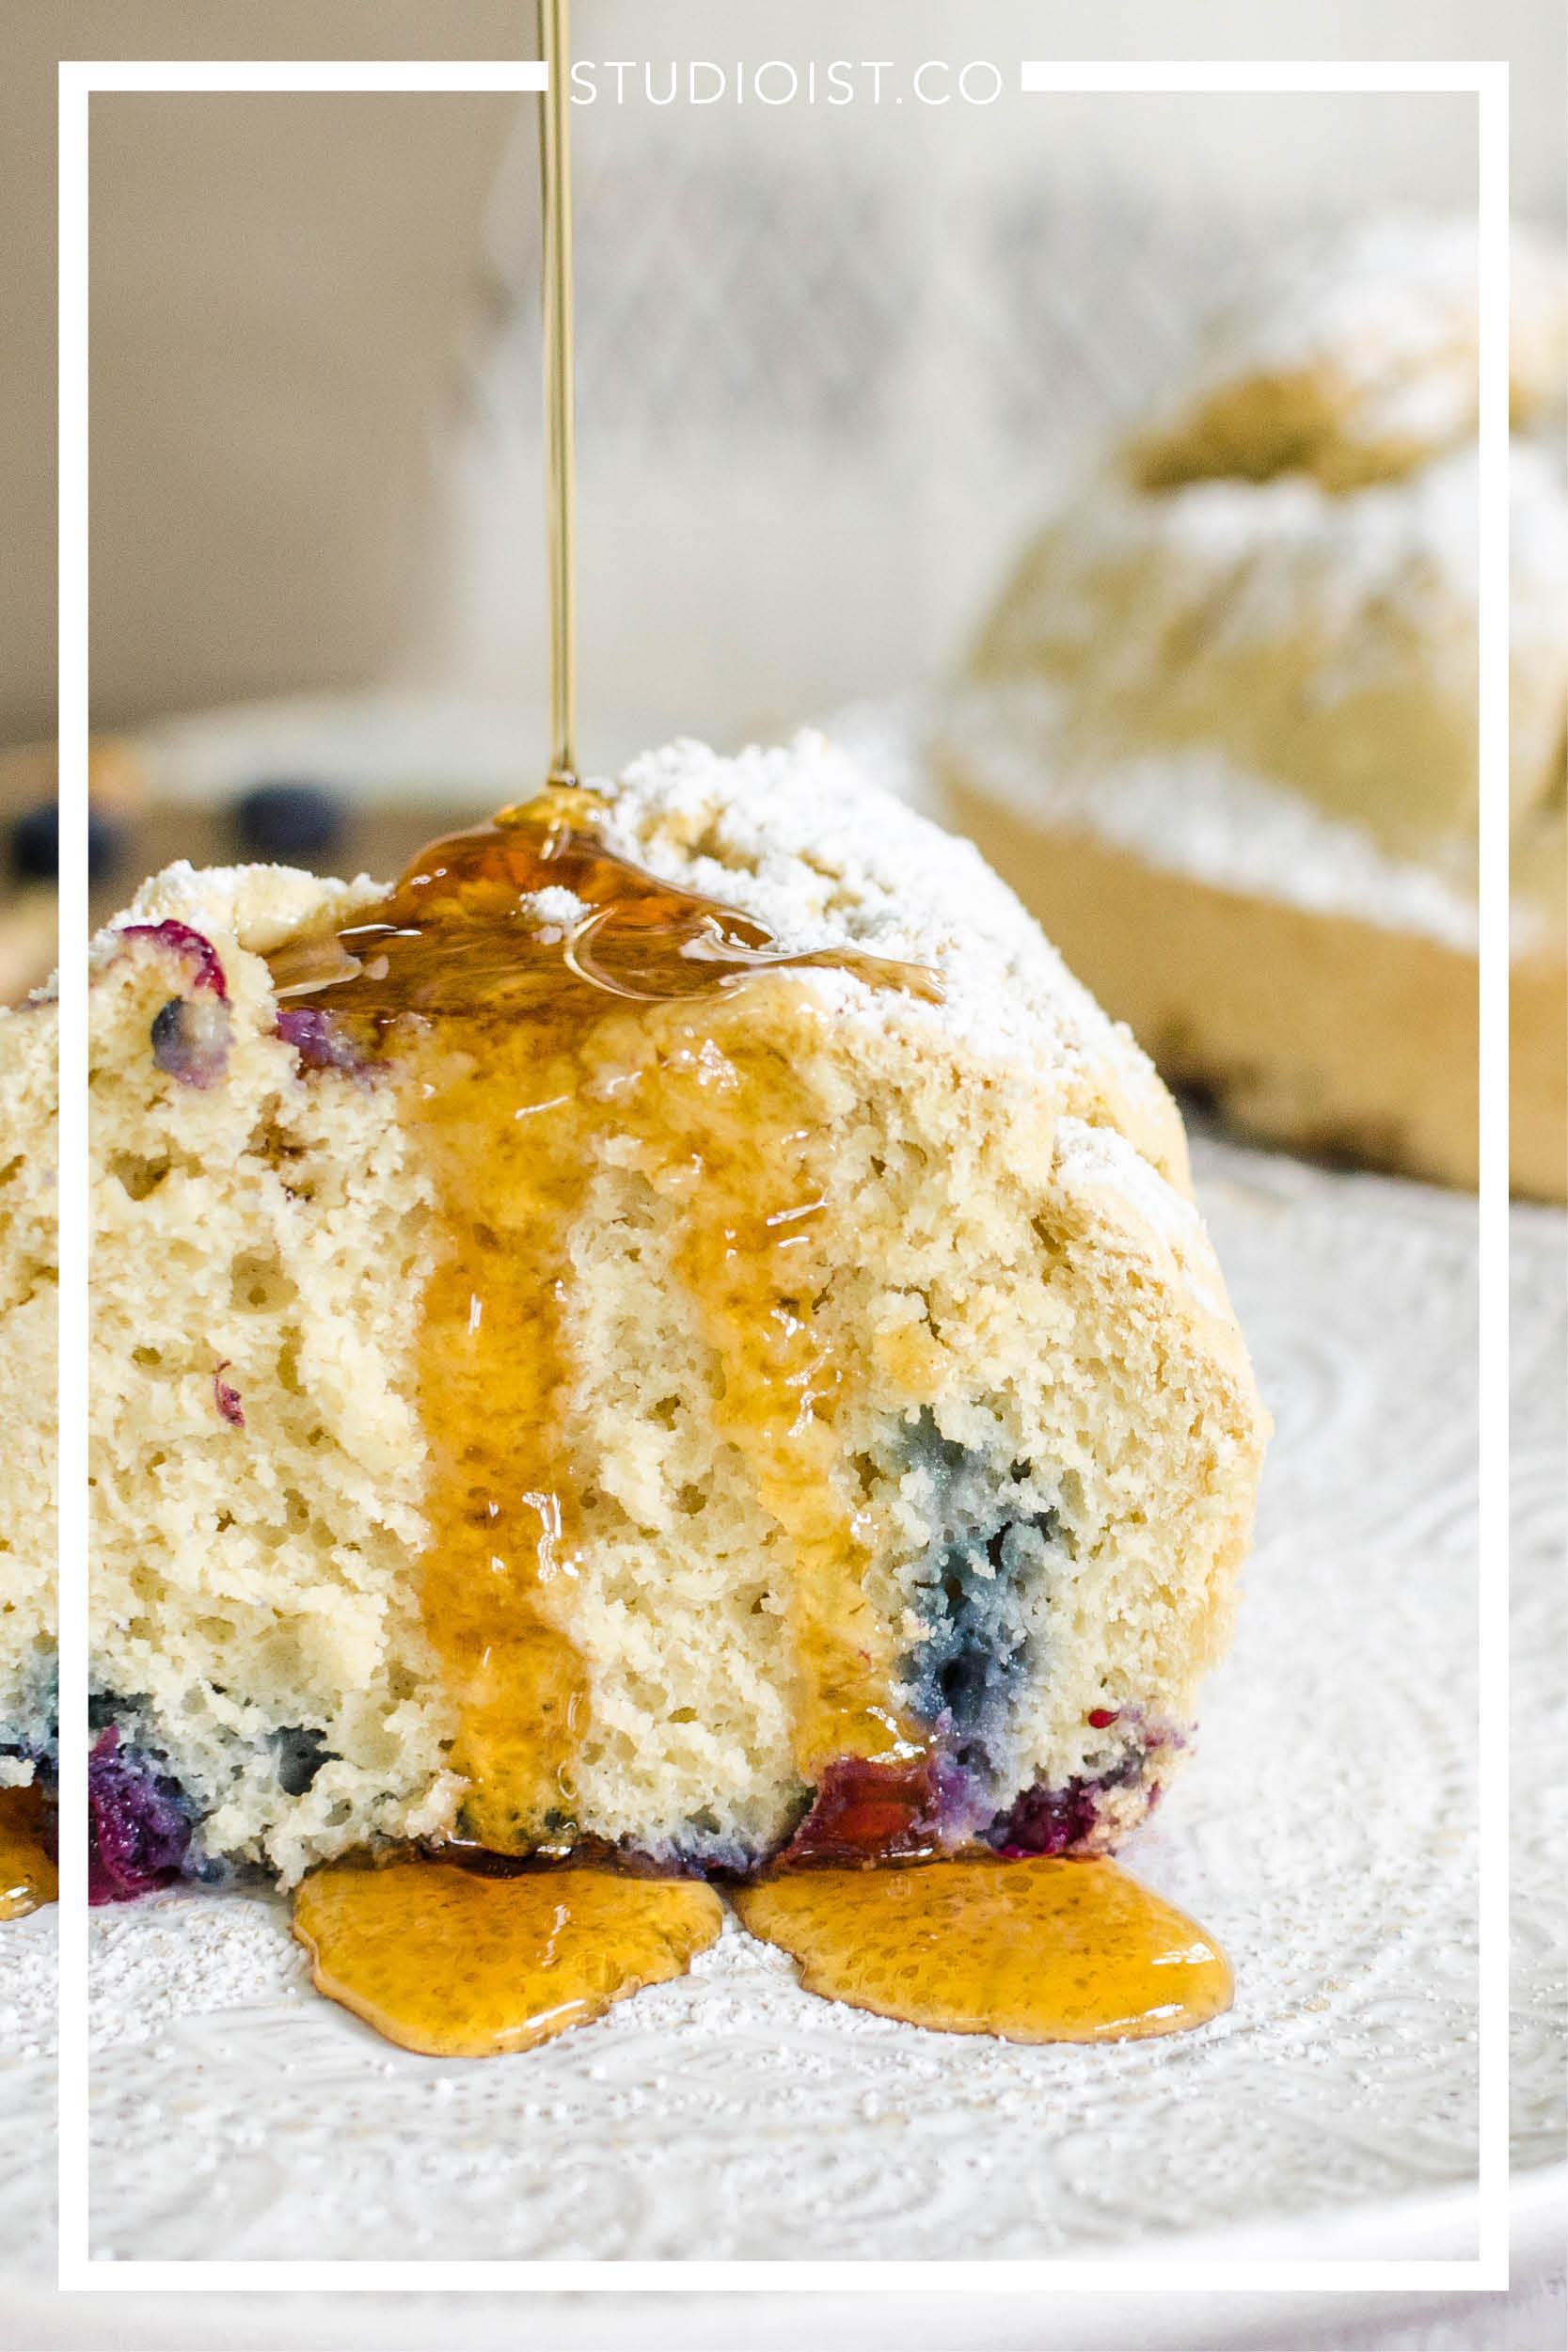 Studioist_Pinterest Design_Pancake Bundt3.jpg